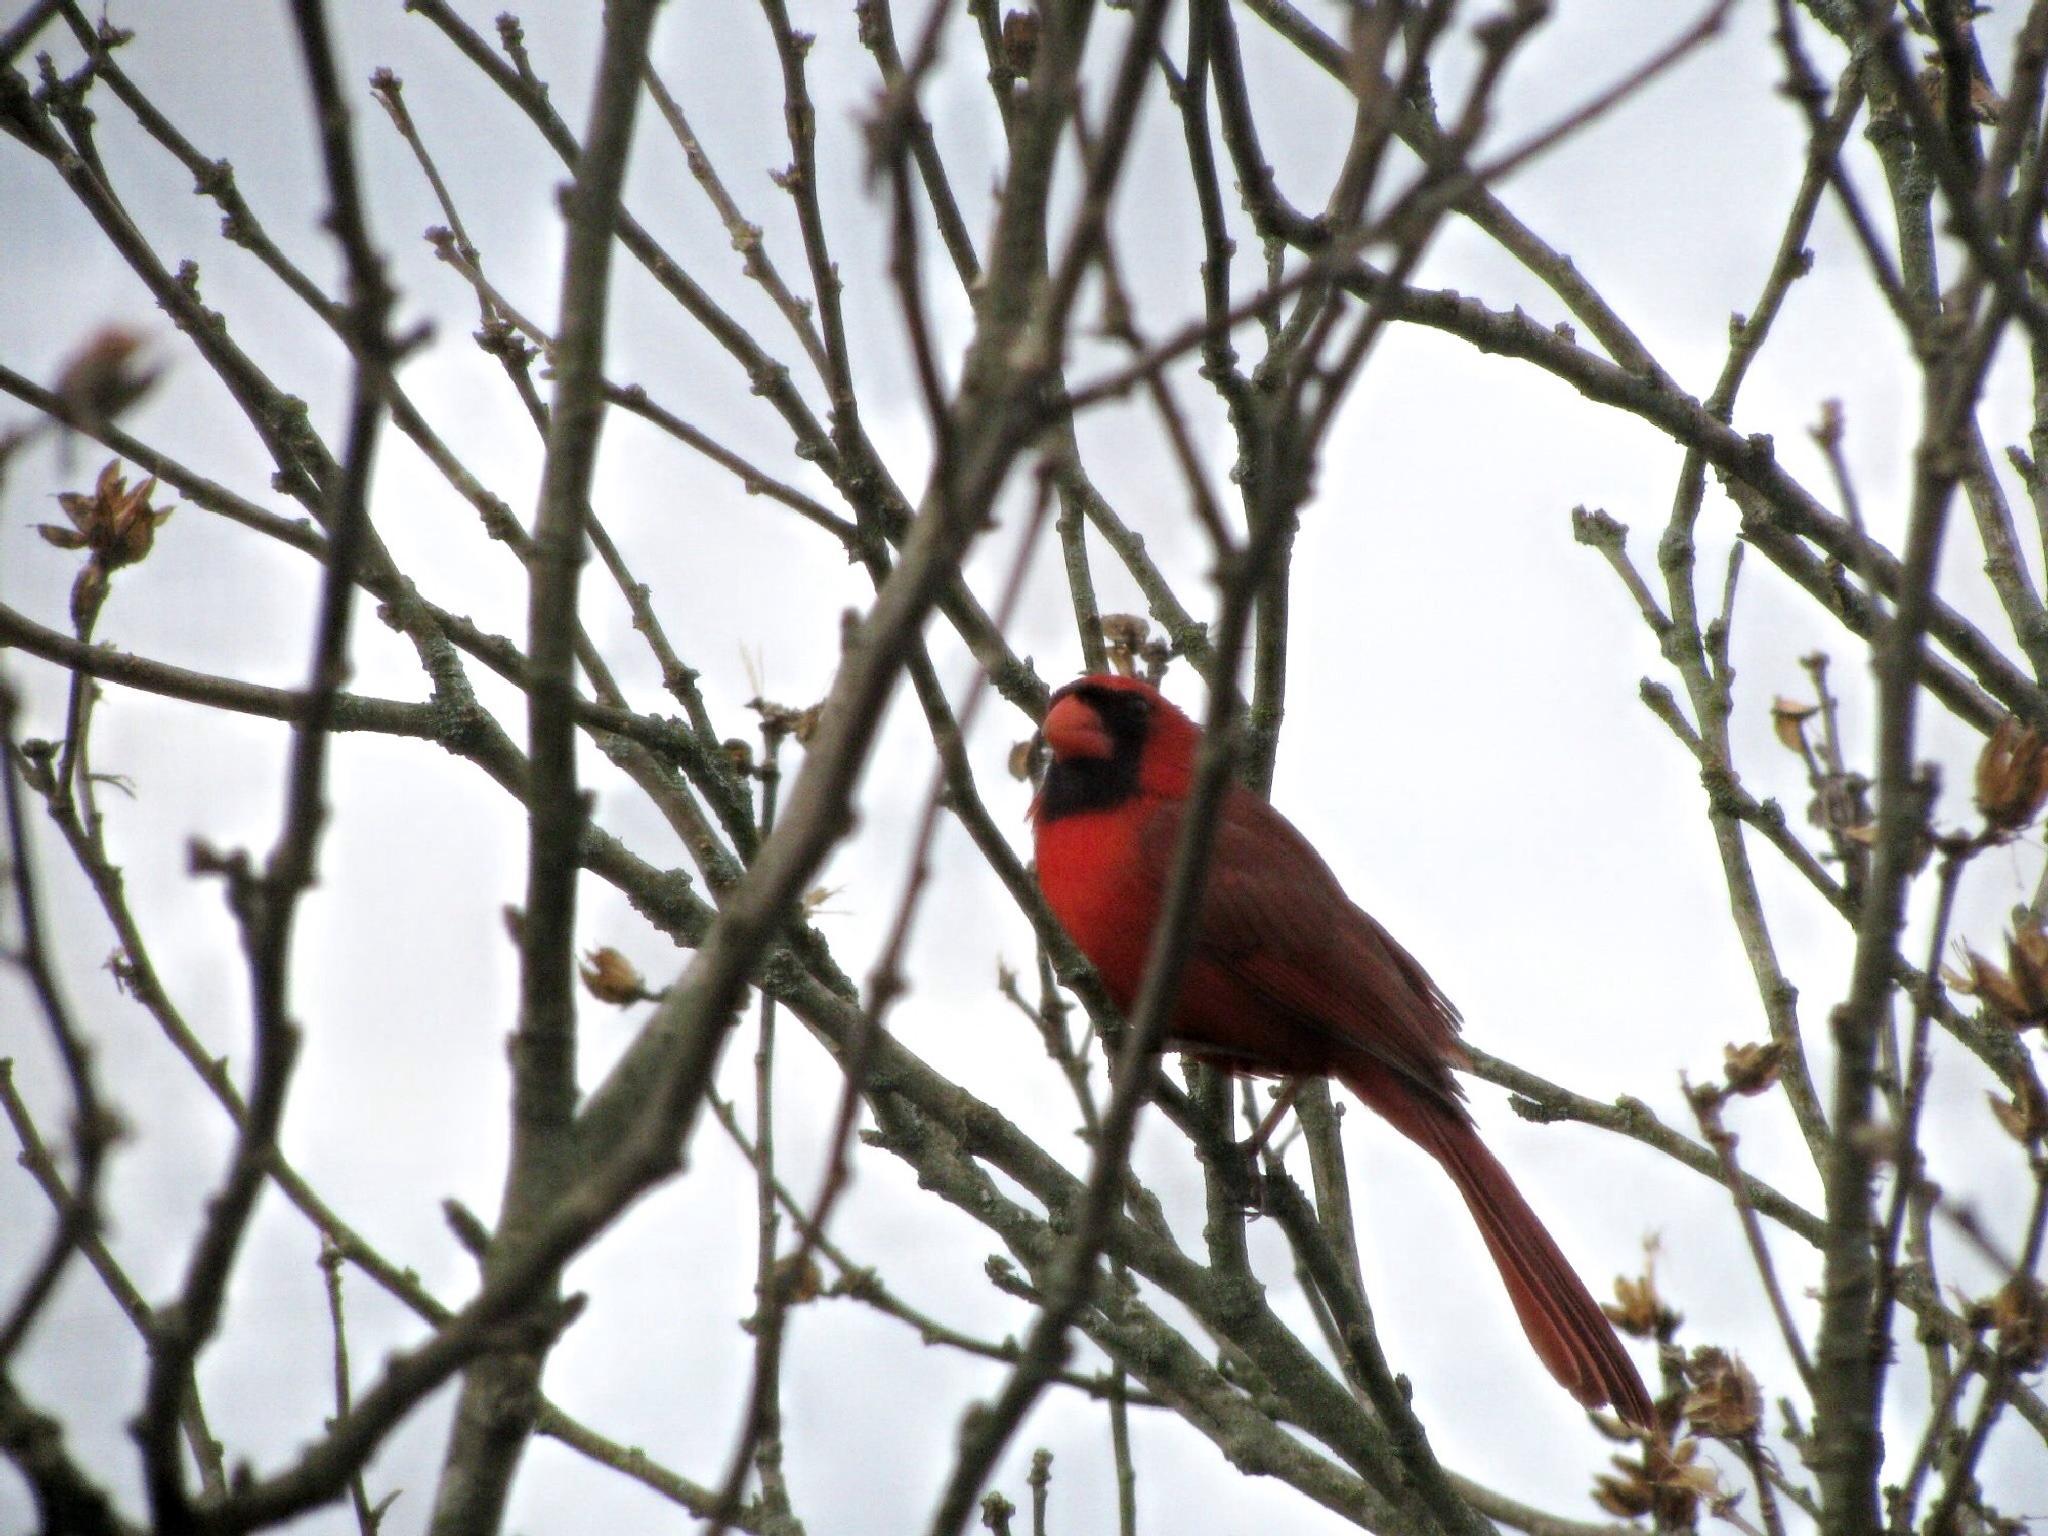 Kentucky Cardinal by LindafromKY